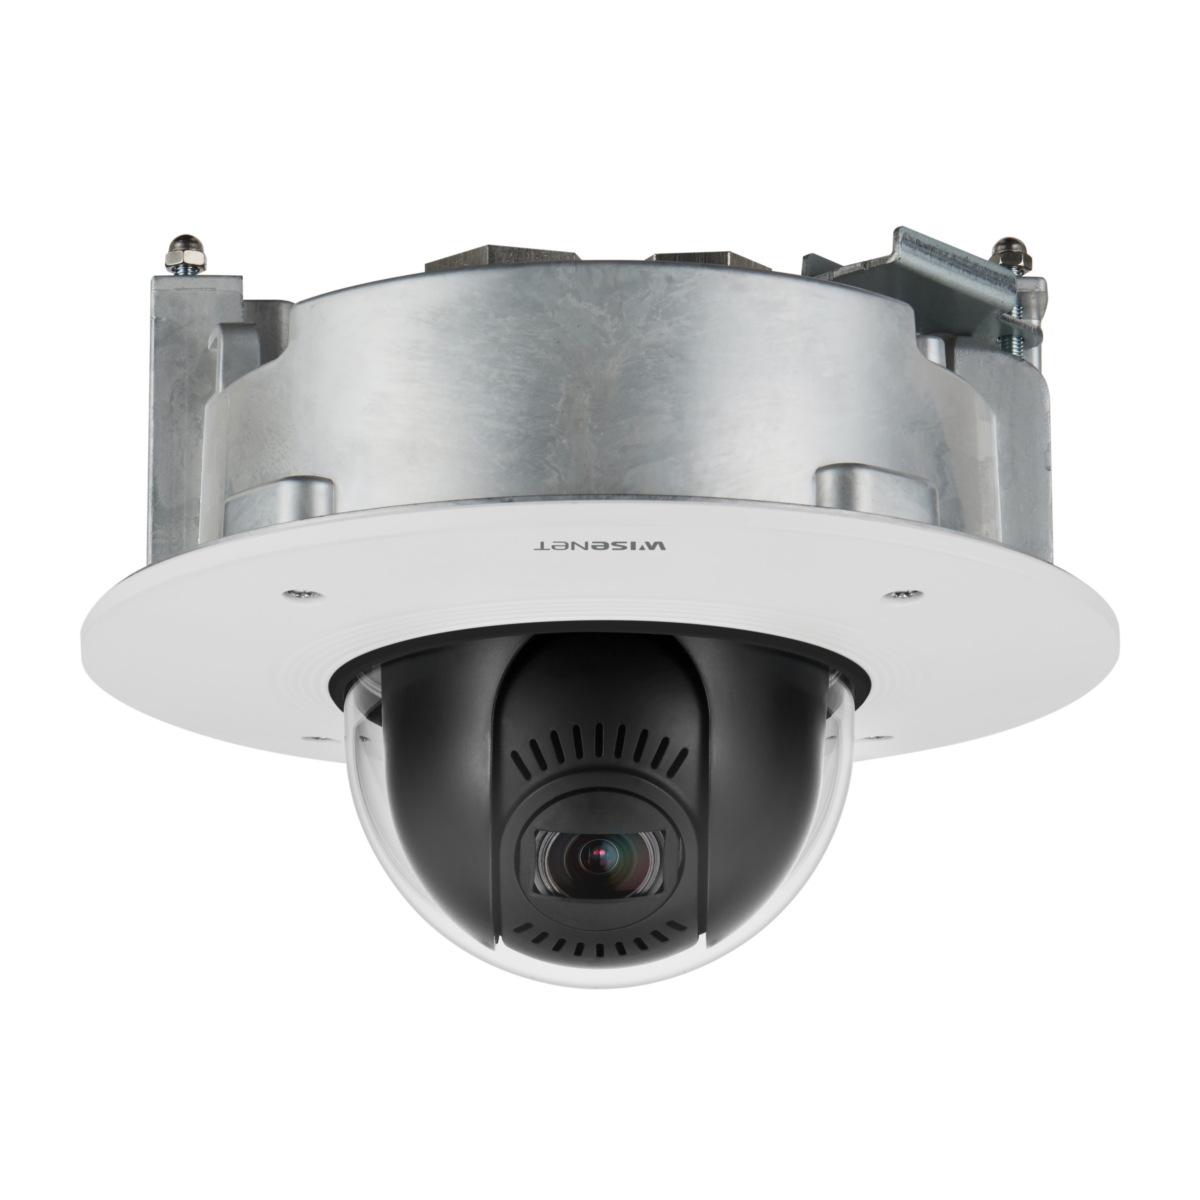 Купольная IP-камера Wisenet Wisenet XND-6081FZ